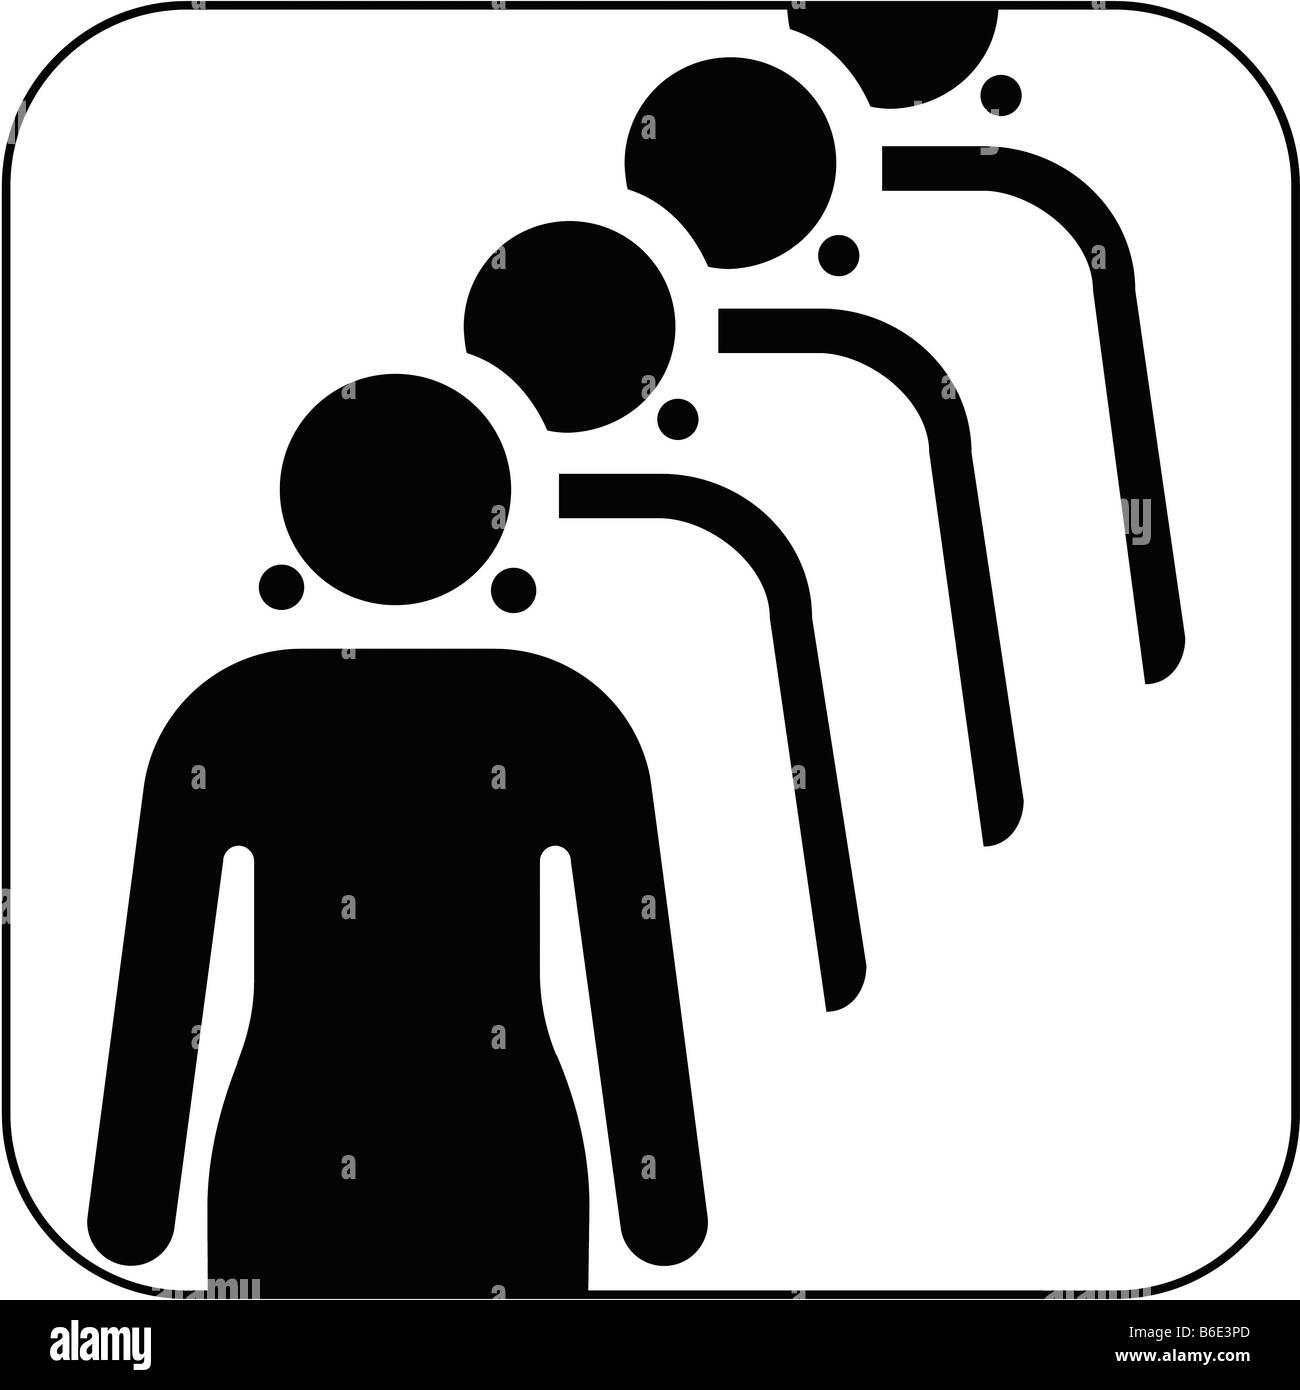 Female queue symbol against white background   Stock Image. Female Toilet Queue Stock Photos   Female Toilet Queue Stock